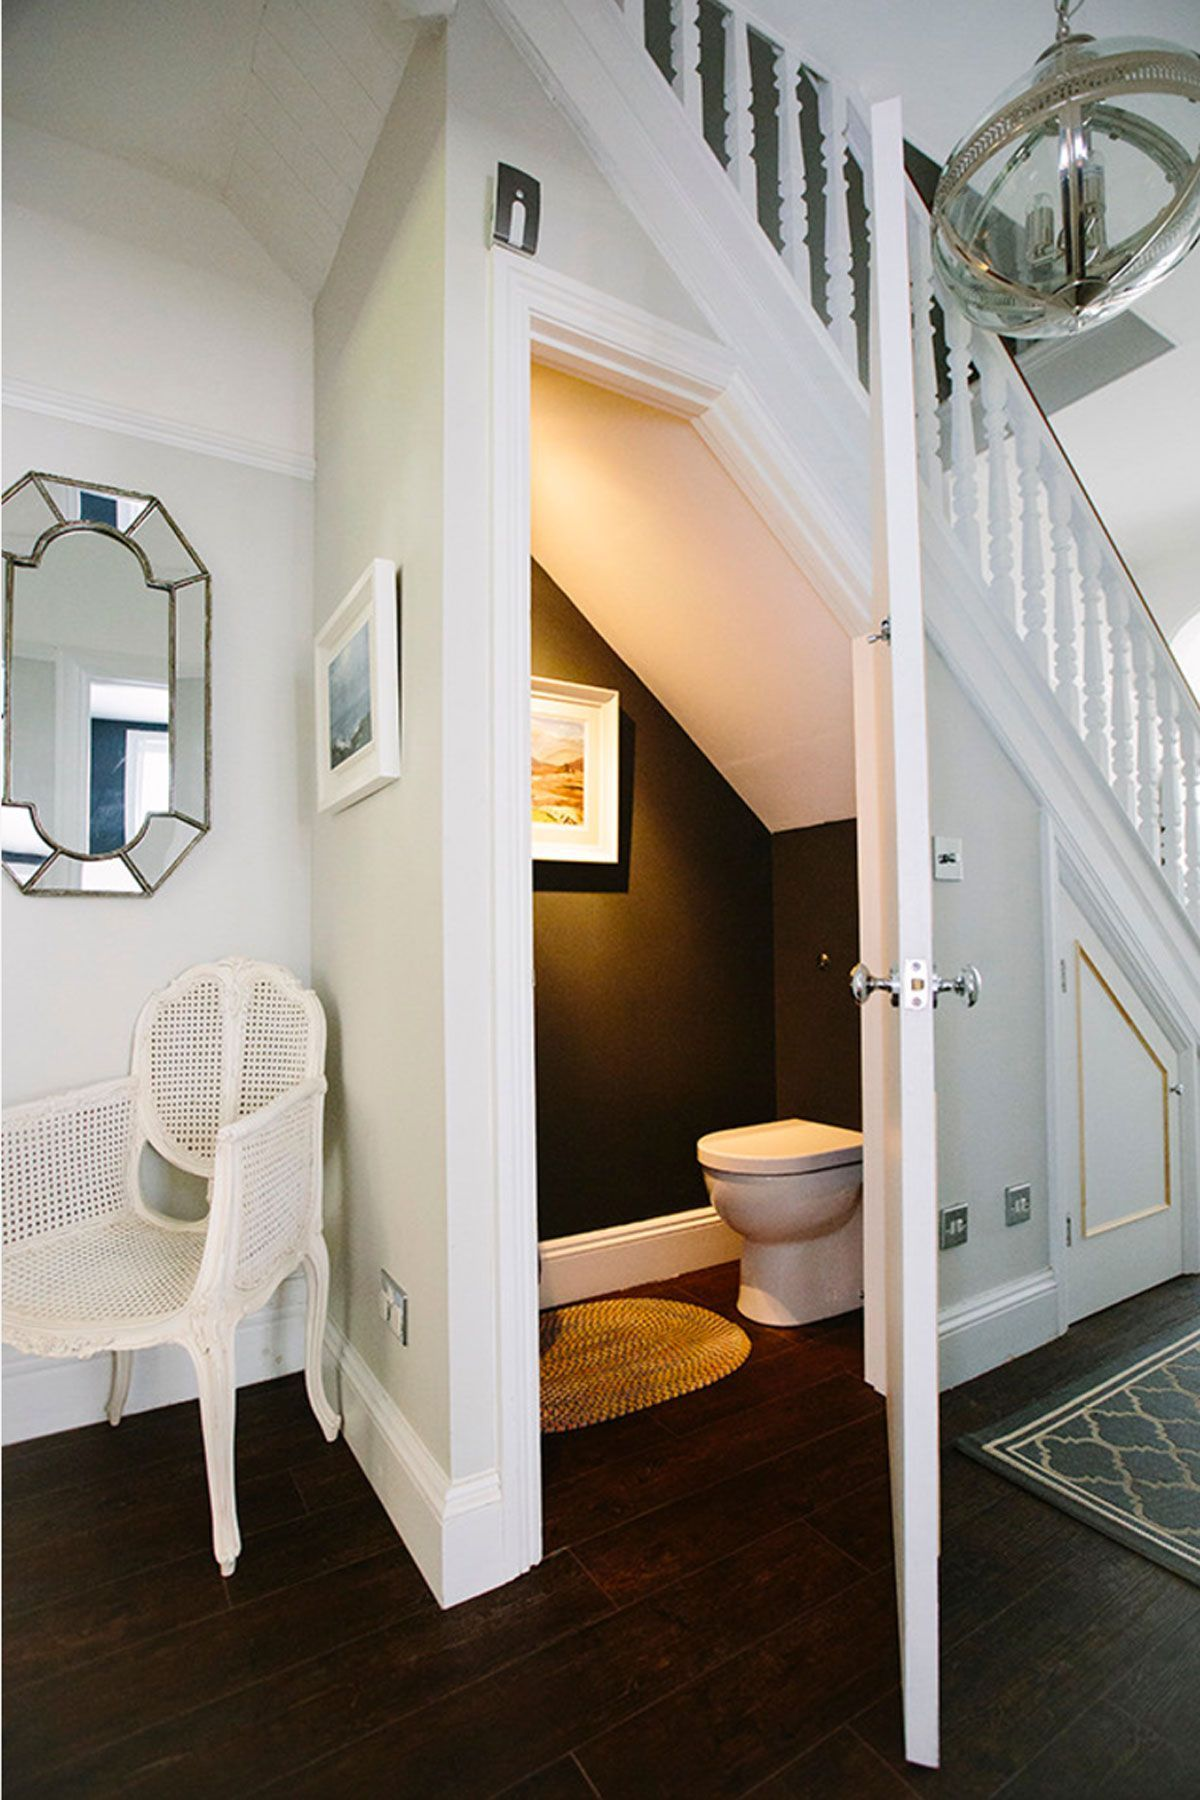 có nên đặt nhà vệ sinh dưới cầu thang không